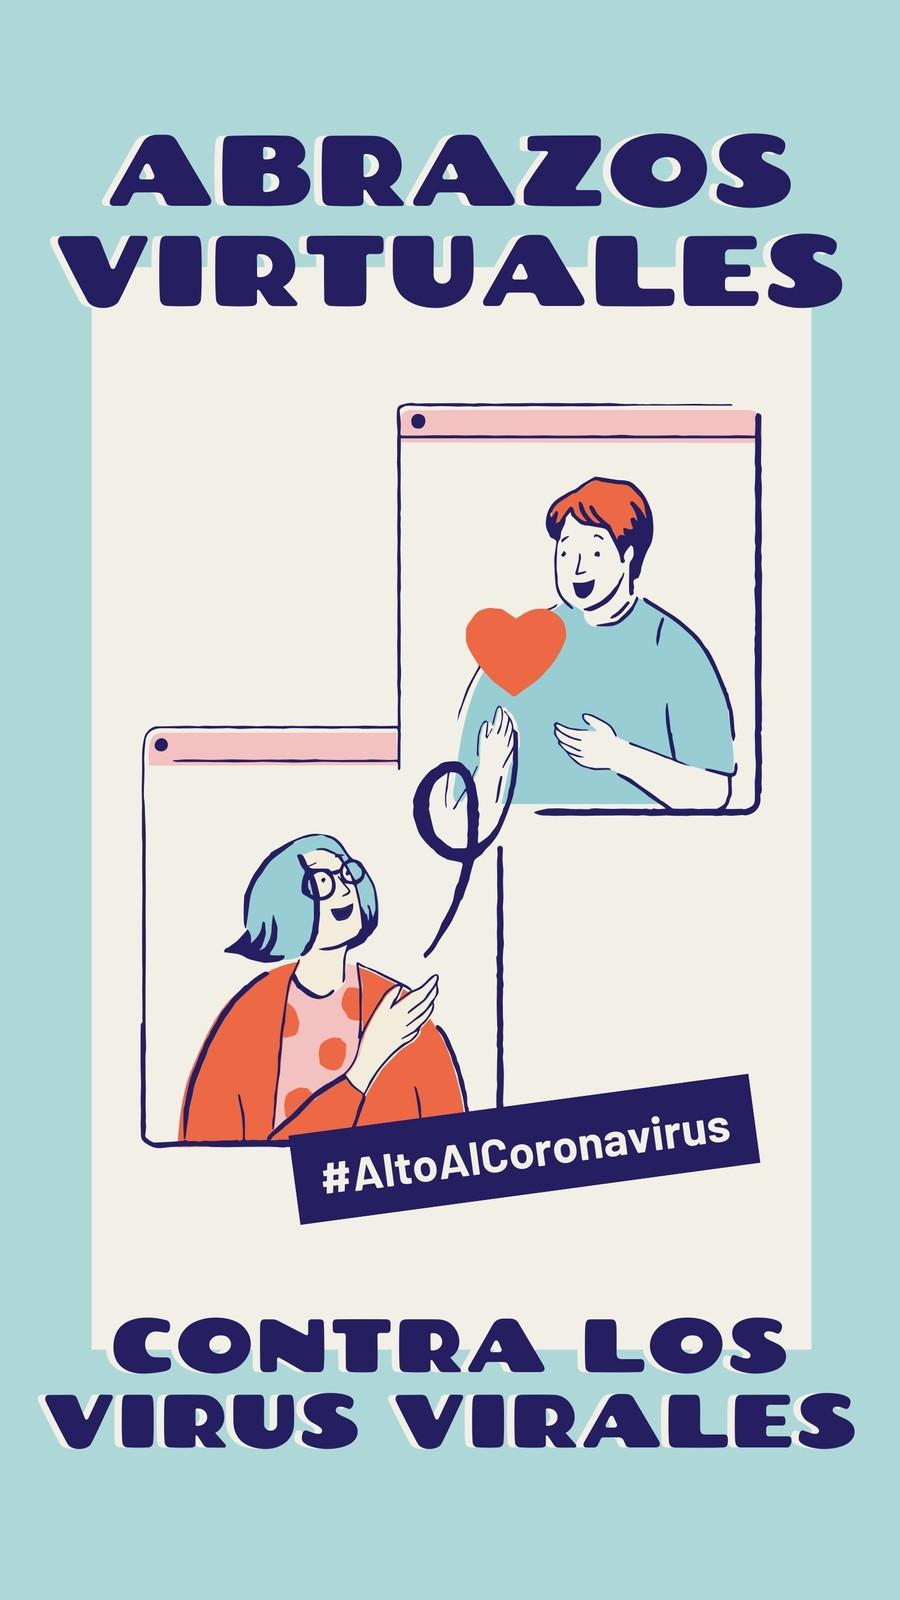 Alto Al Coronavirus Abrazos Virtuales Contra Los Virus Virales Azul y Crema Instagram Story